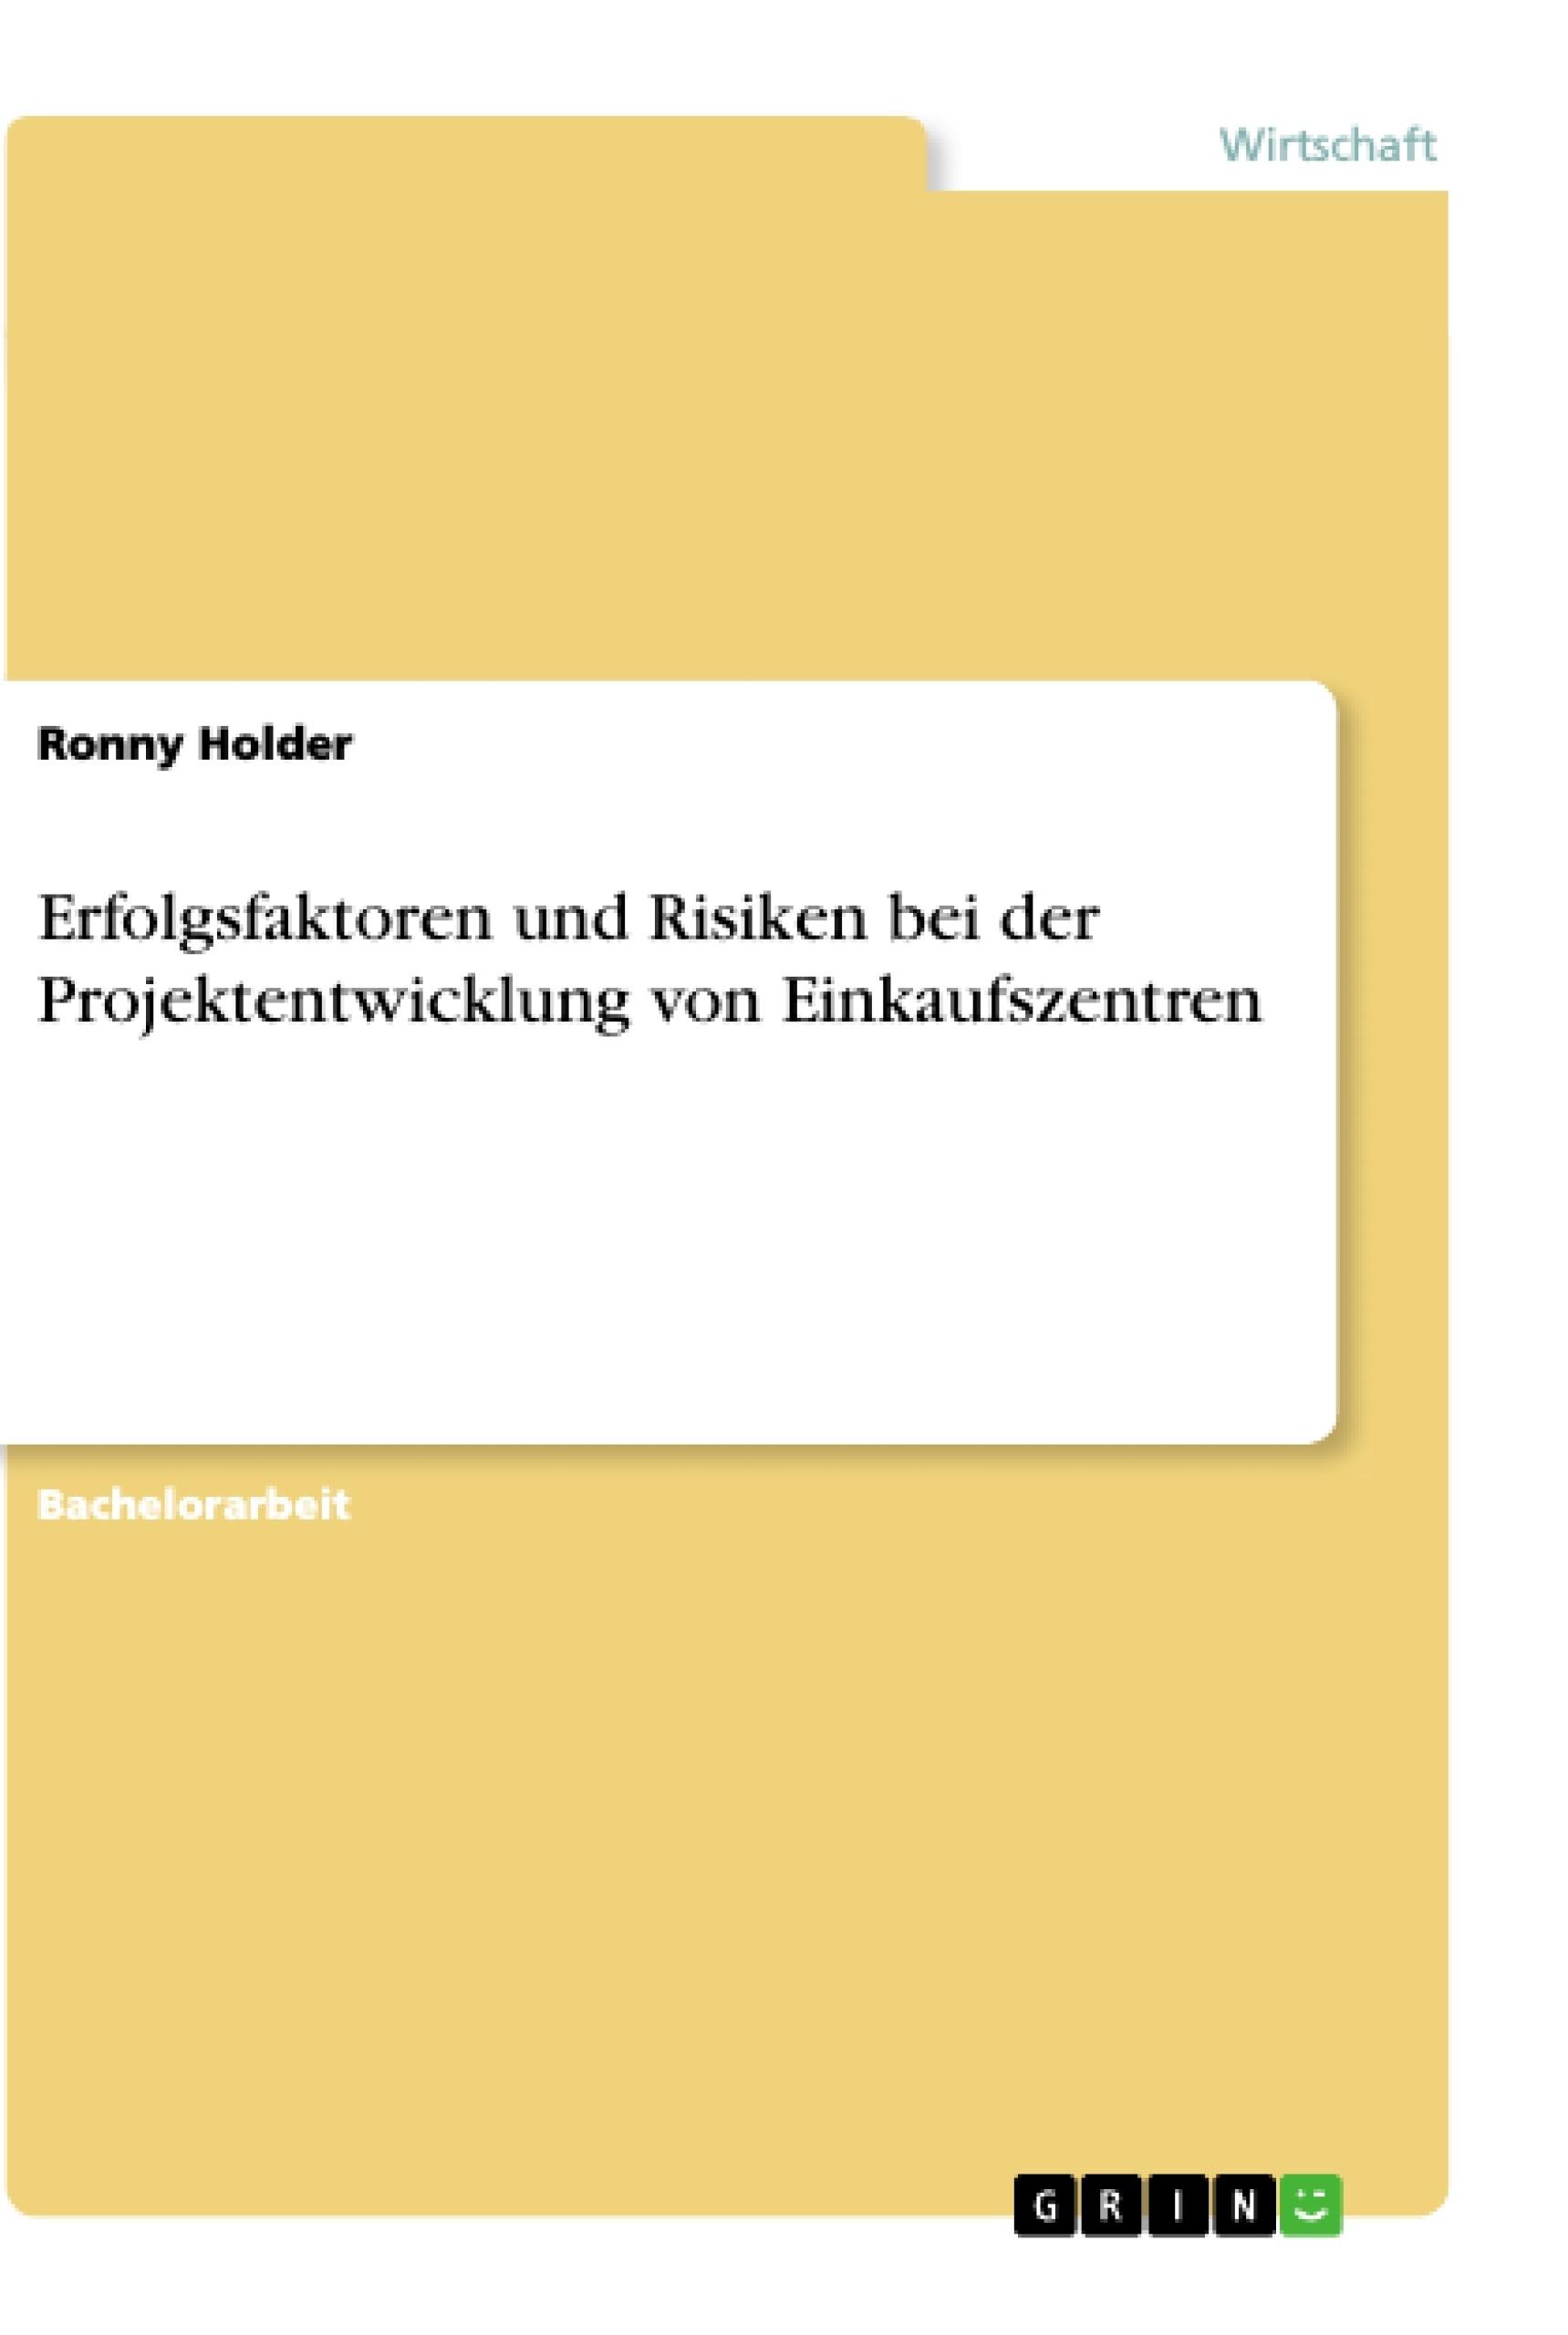 Titel: Erfolgsfaktoren und Risiken bei der Projektentwicklung von Einkaufszentren